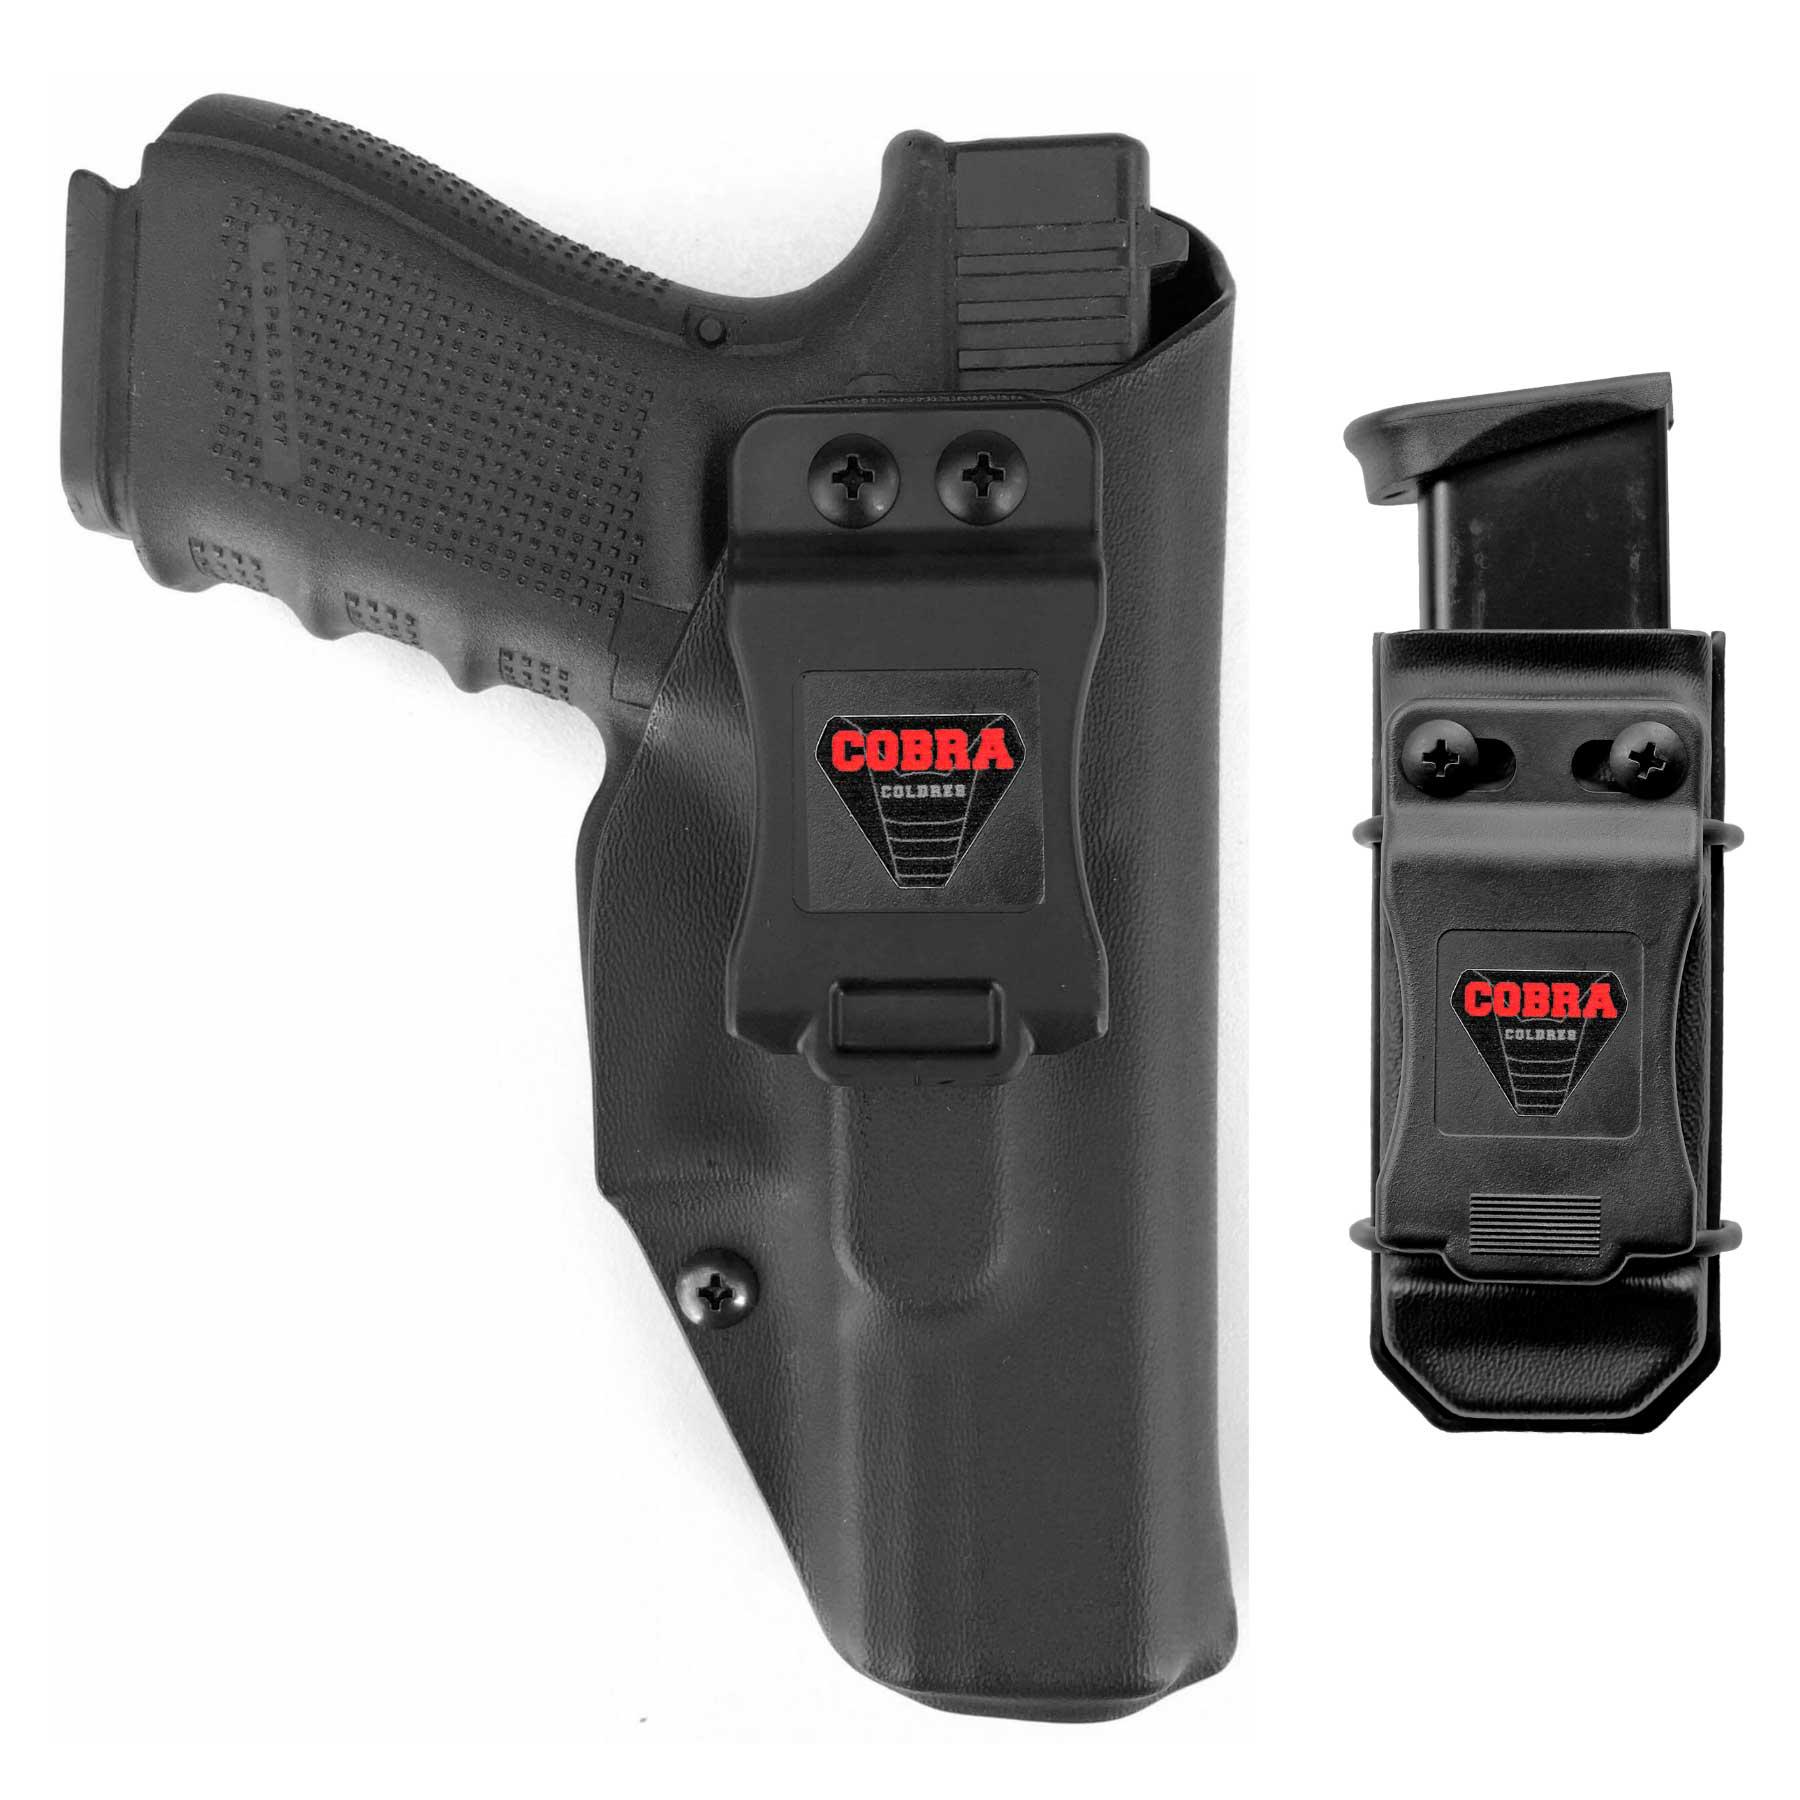 Coldre Kydex Glock [G19] [G19x] [G25] [G23] [G32] [G38] [G45] + 1 Porta-Carregador Universal - Saque Rápido Velado Kydex® 080